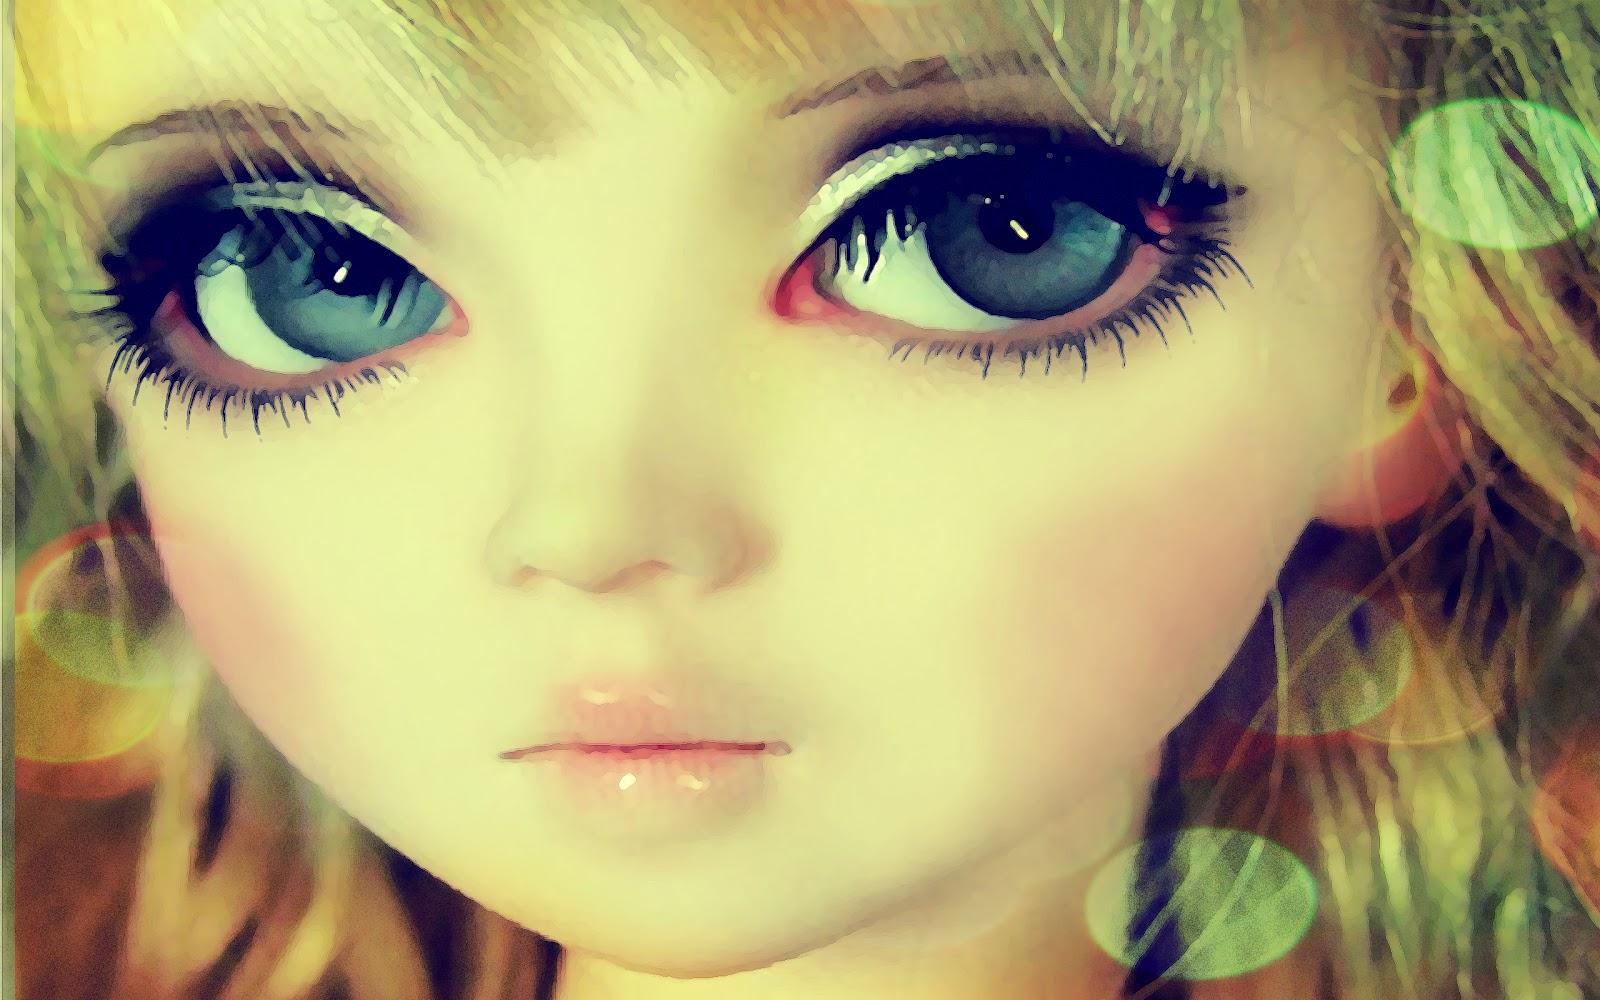 http://1.bp.blogspot.com/-dDT19m2KukA/UC--5_FoiVI/AAAAAAAAJsE/MNJF8_gv2C4/s1600/Dolls+HD+Wallpapers+%287%29.jpg